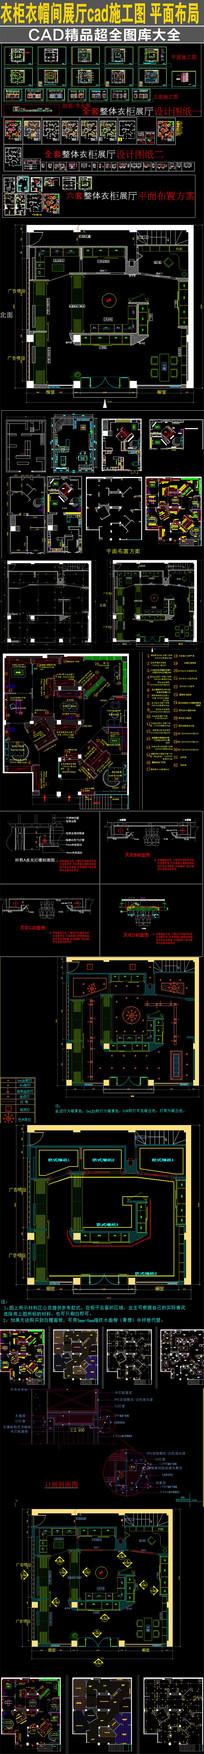 衣柜展厅平面CAD布置图方案